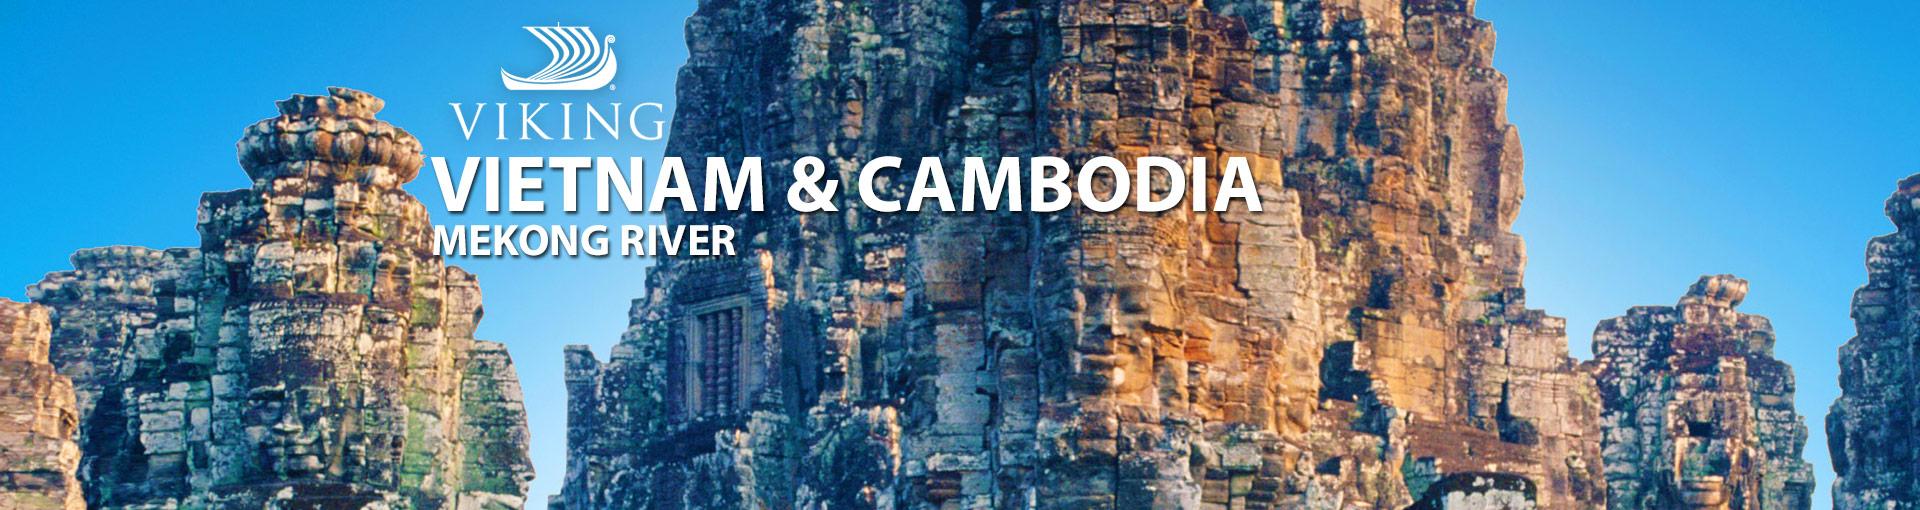 Viking River Cruises to Vietnam and Cambodia